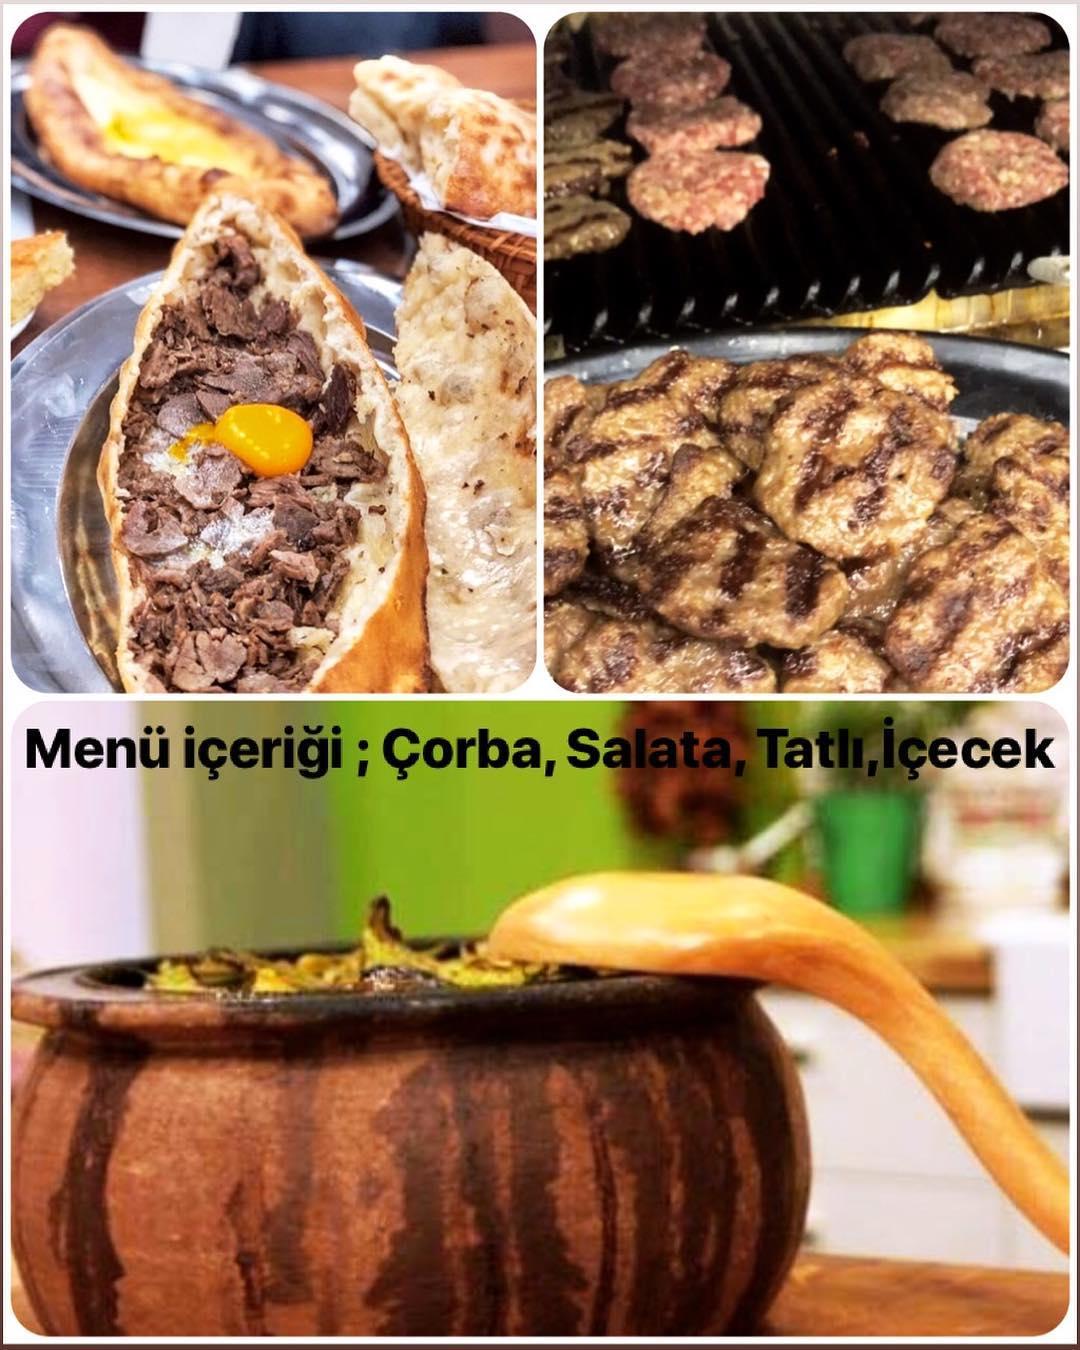 yıldız zigana çukurambar iftar mekanları 2019 çukurambar iftar menüleri çukurambar iftar yerleri